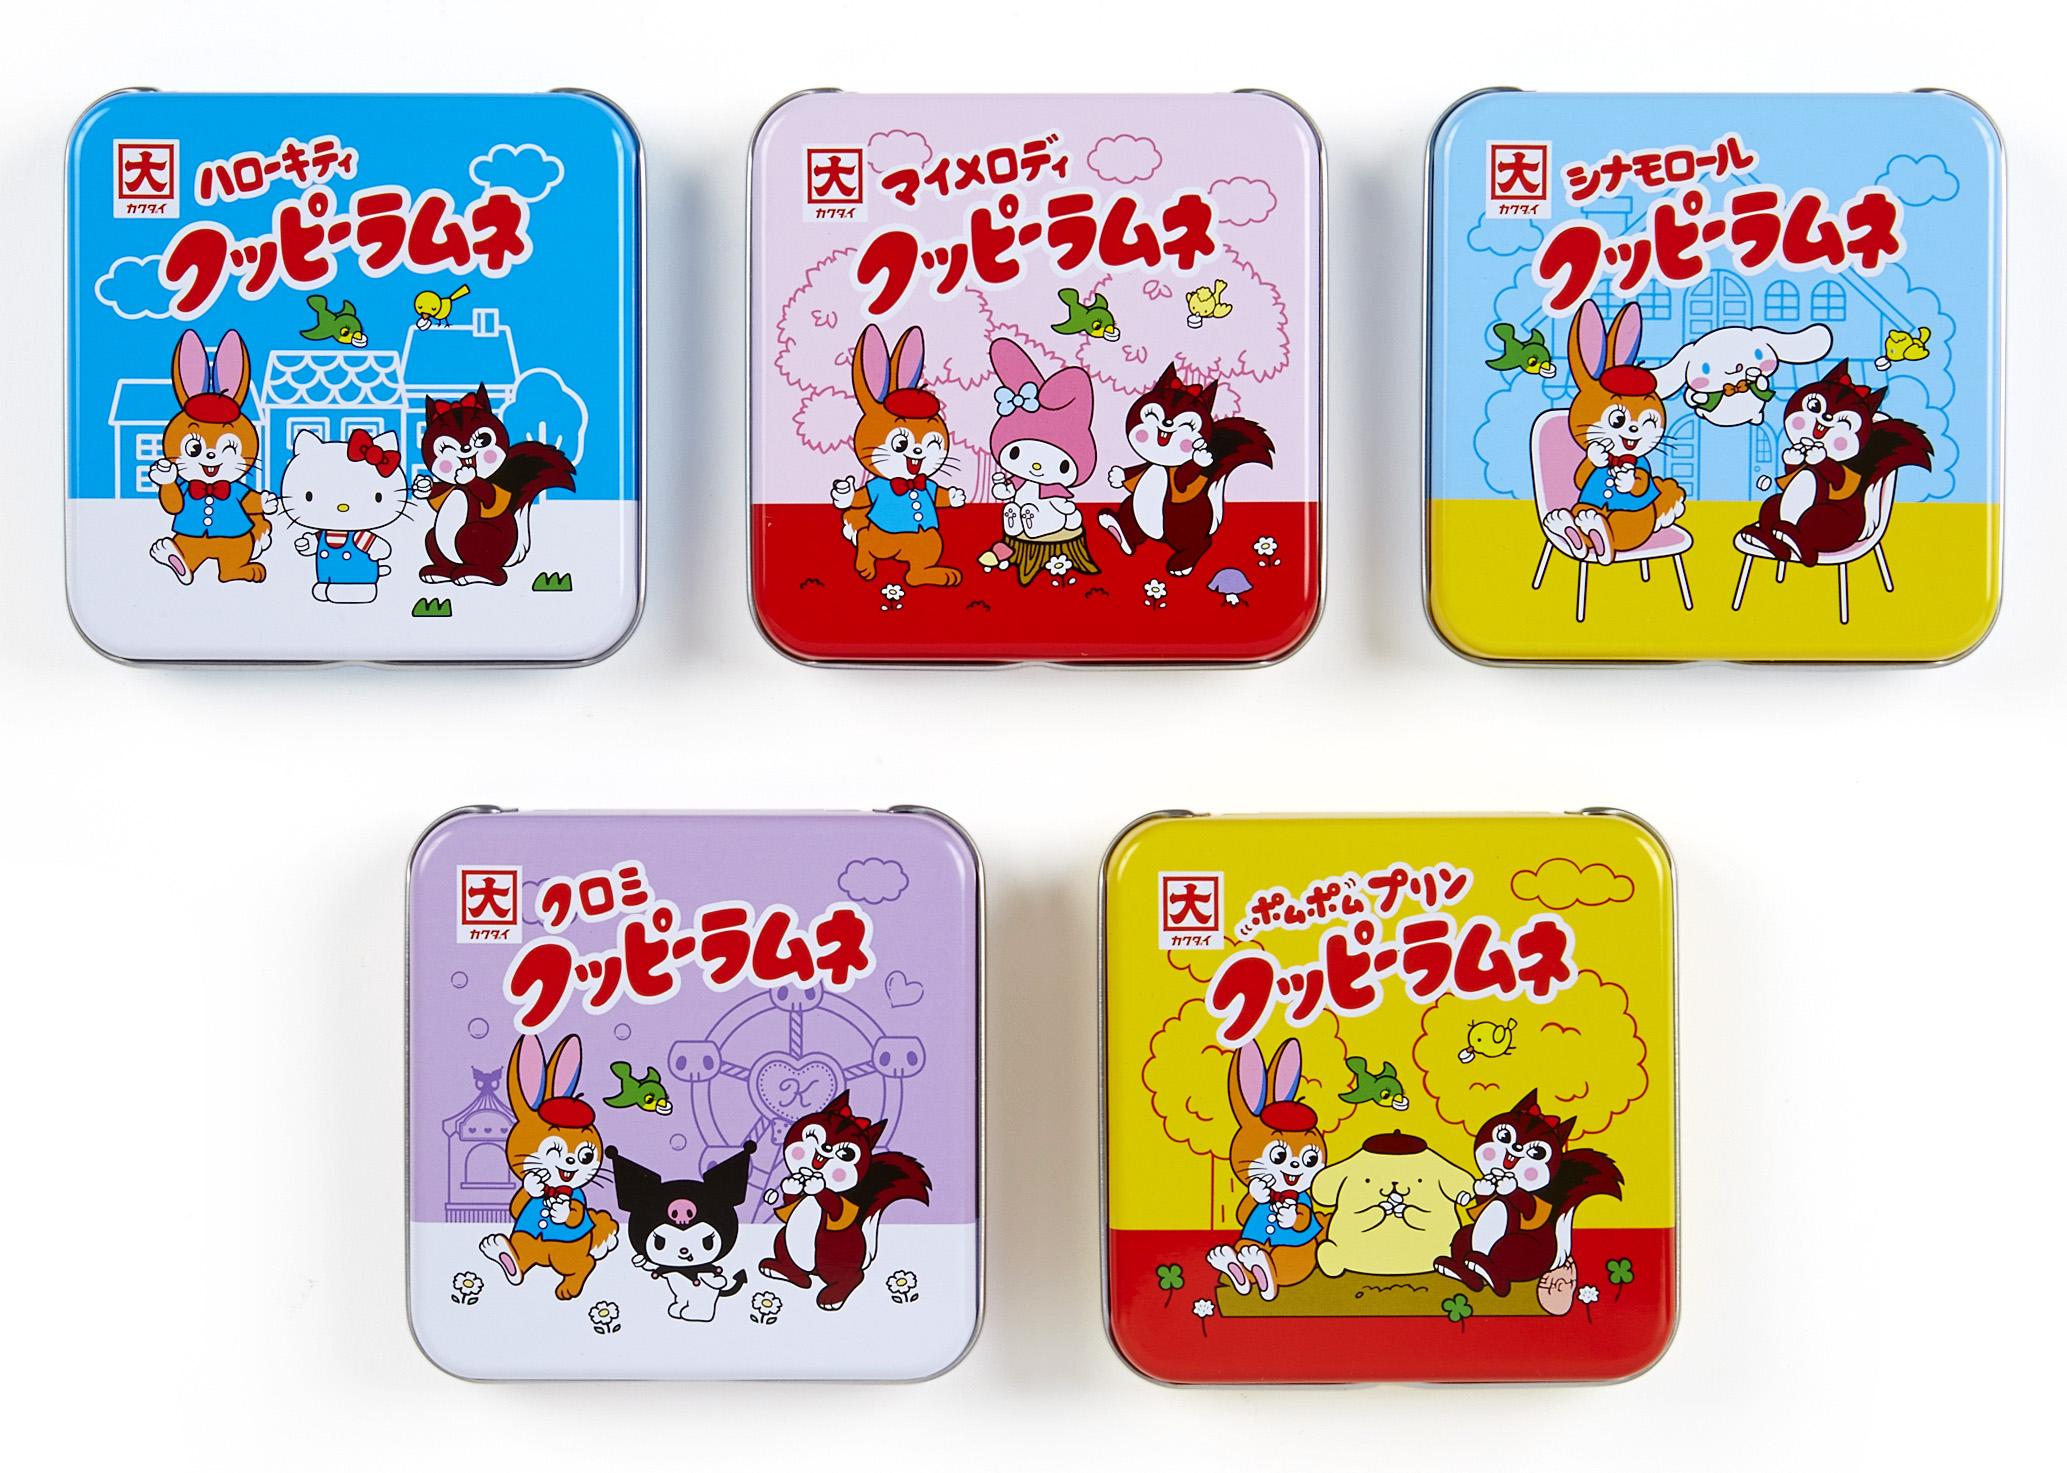 「サンリオキャラクターズ クッピーラムネコラボシリーズ」缶入りラムネ